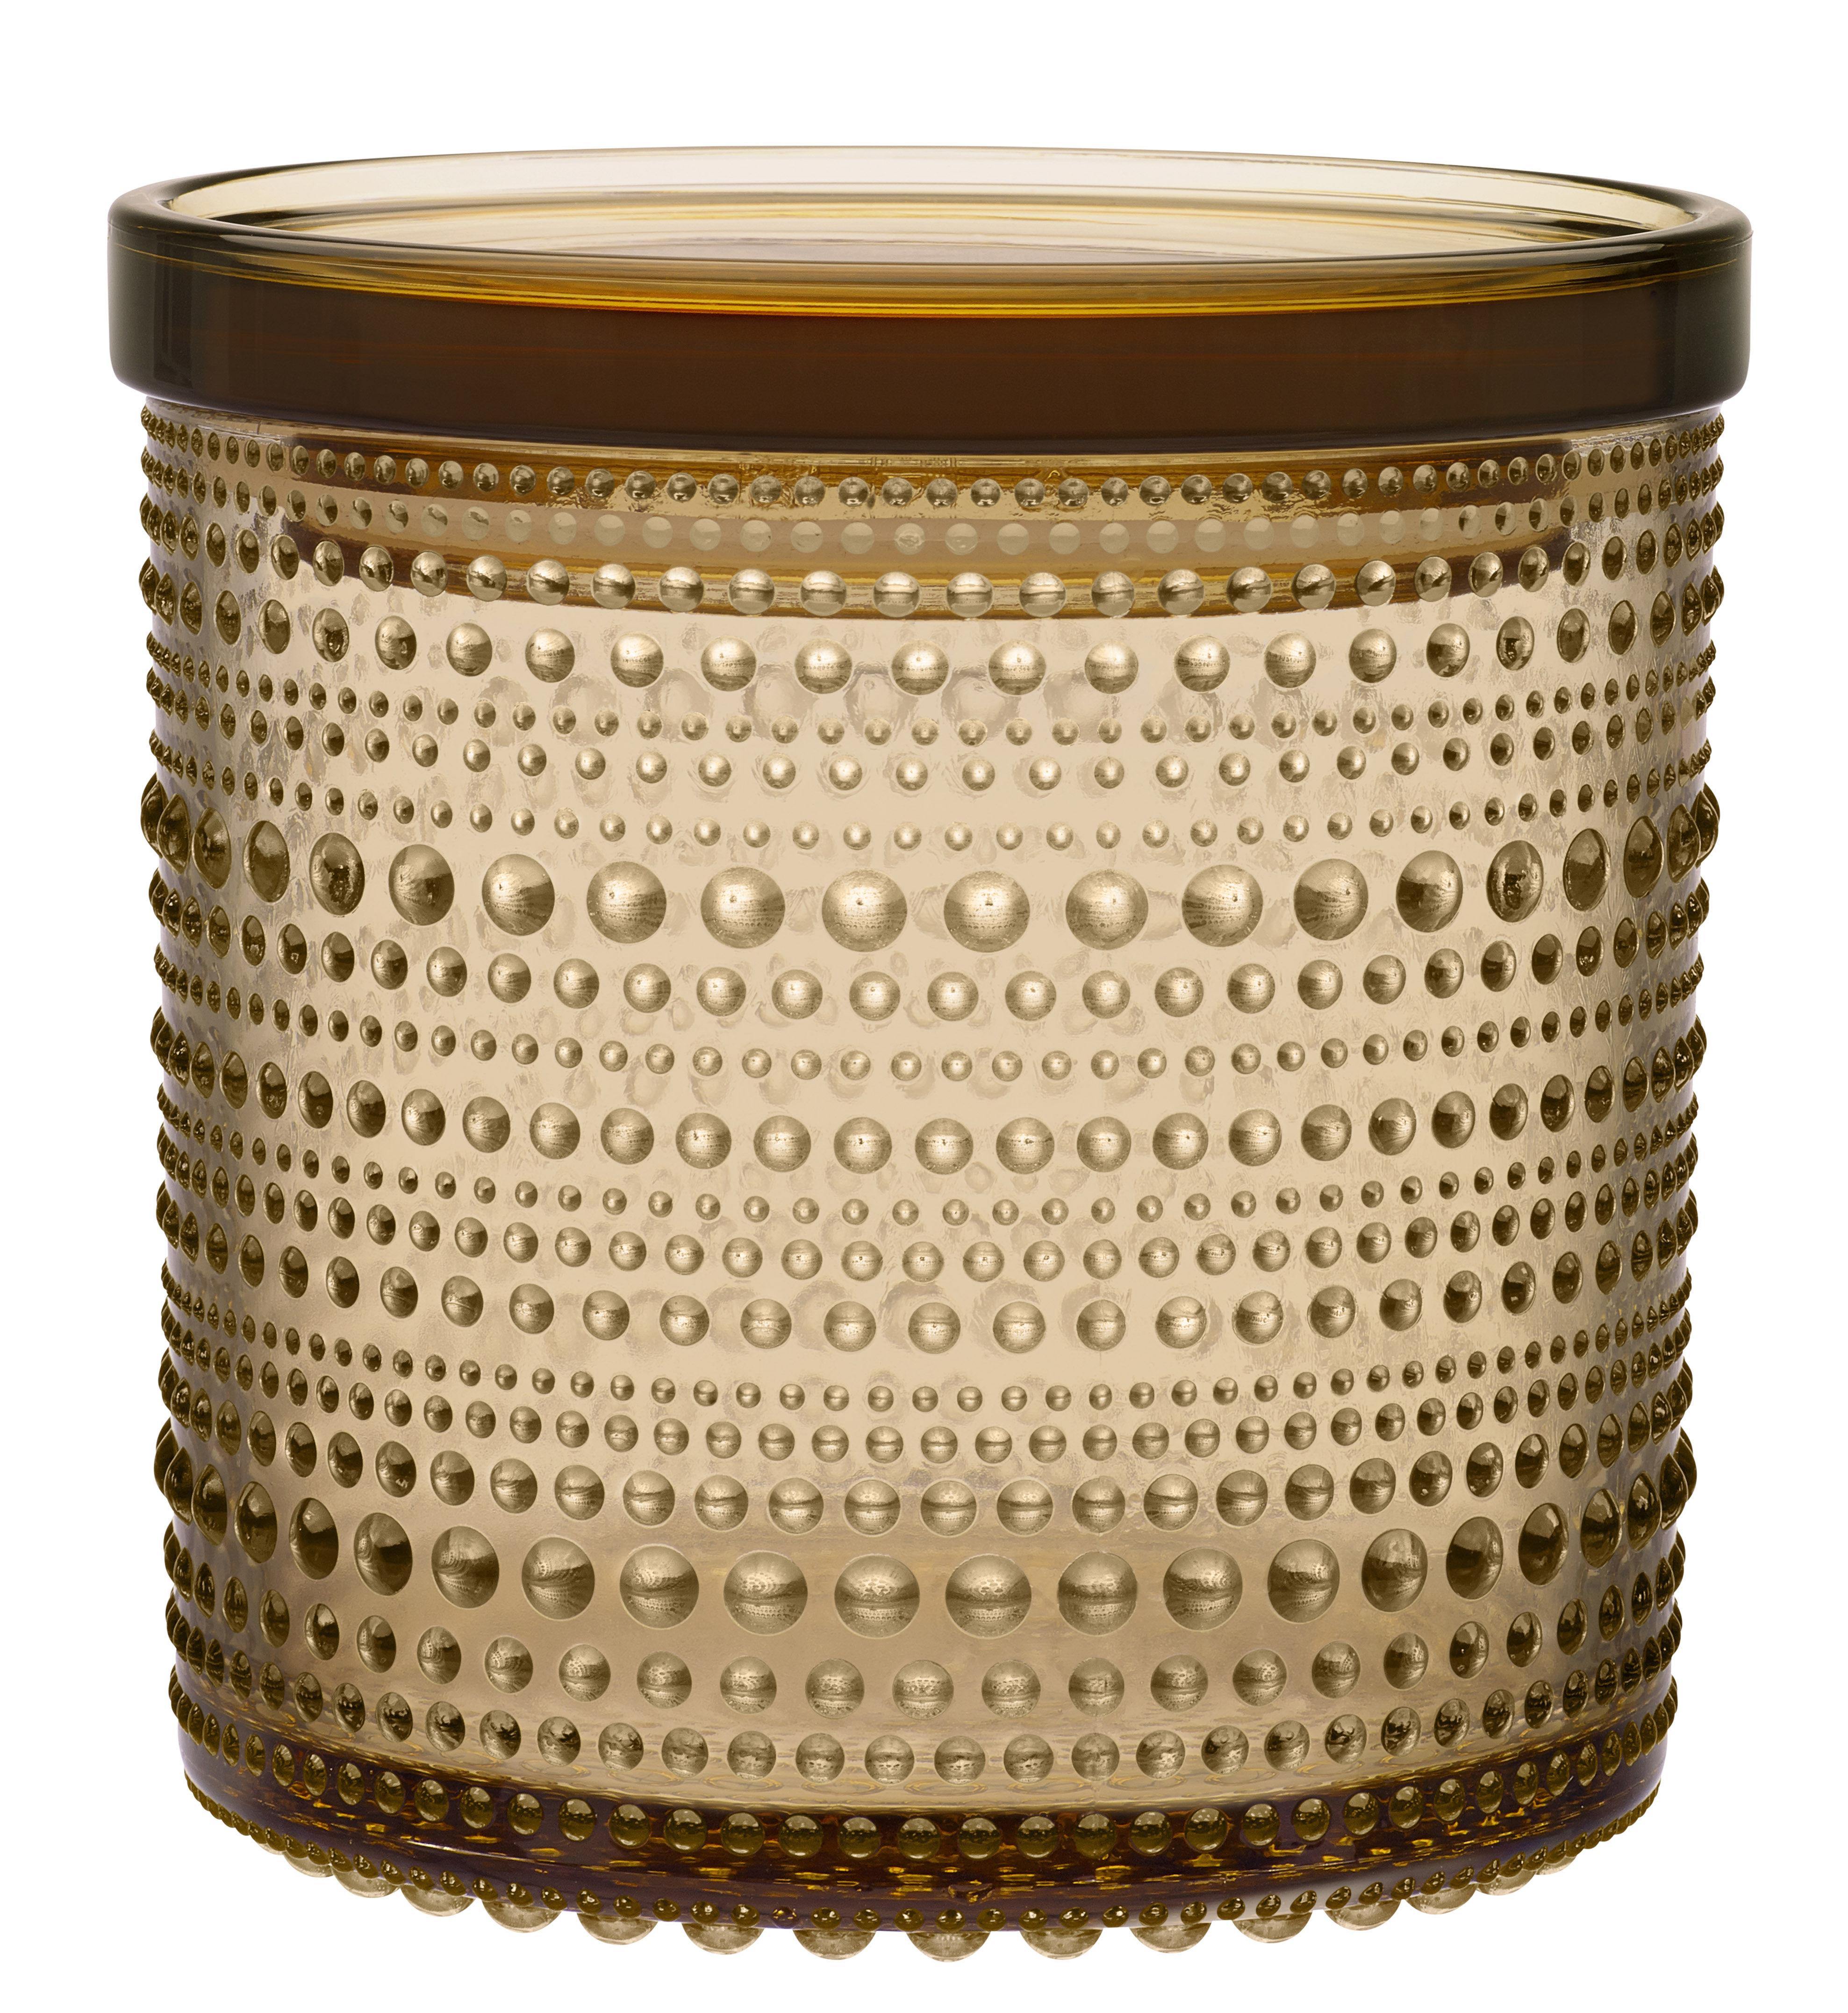 Kitchenware - Kitchen Storage Jars - Kastehelmi Box - Ø 11,6 cm by Iittala - Desert - Glass, Plastic